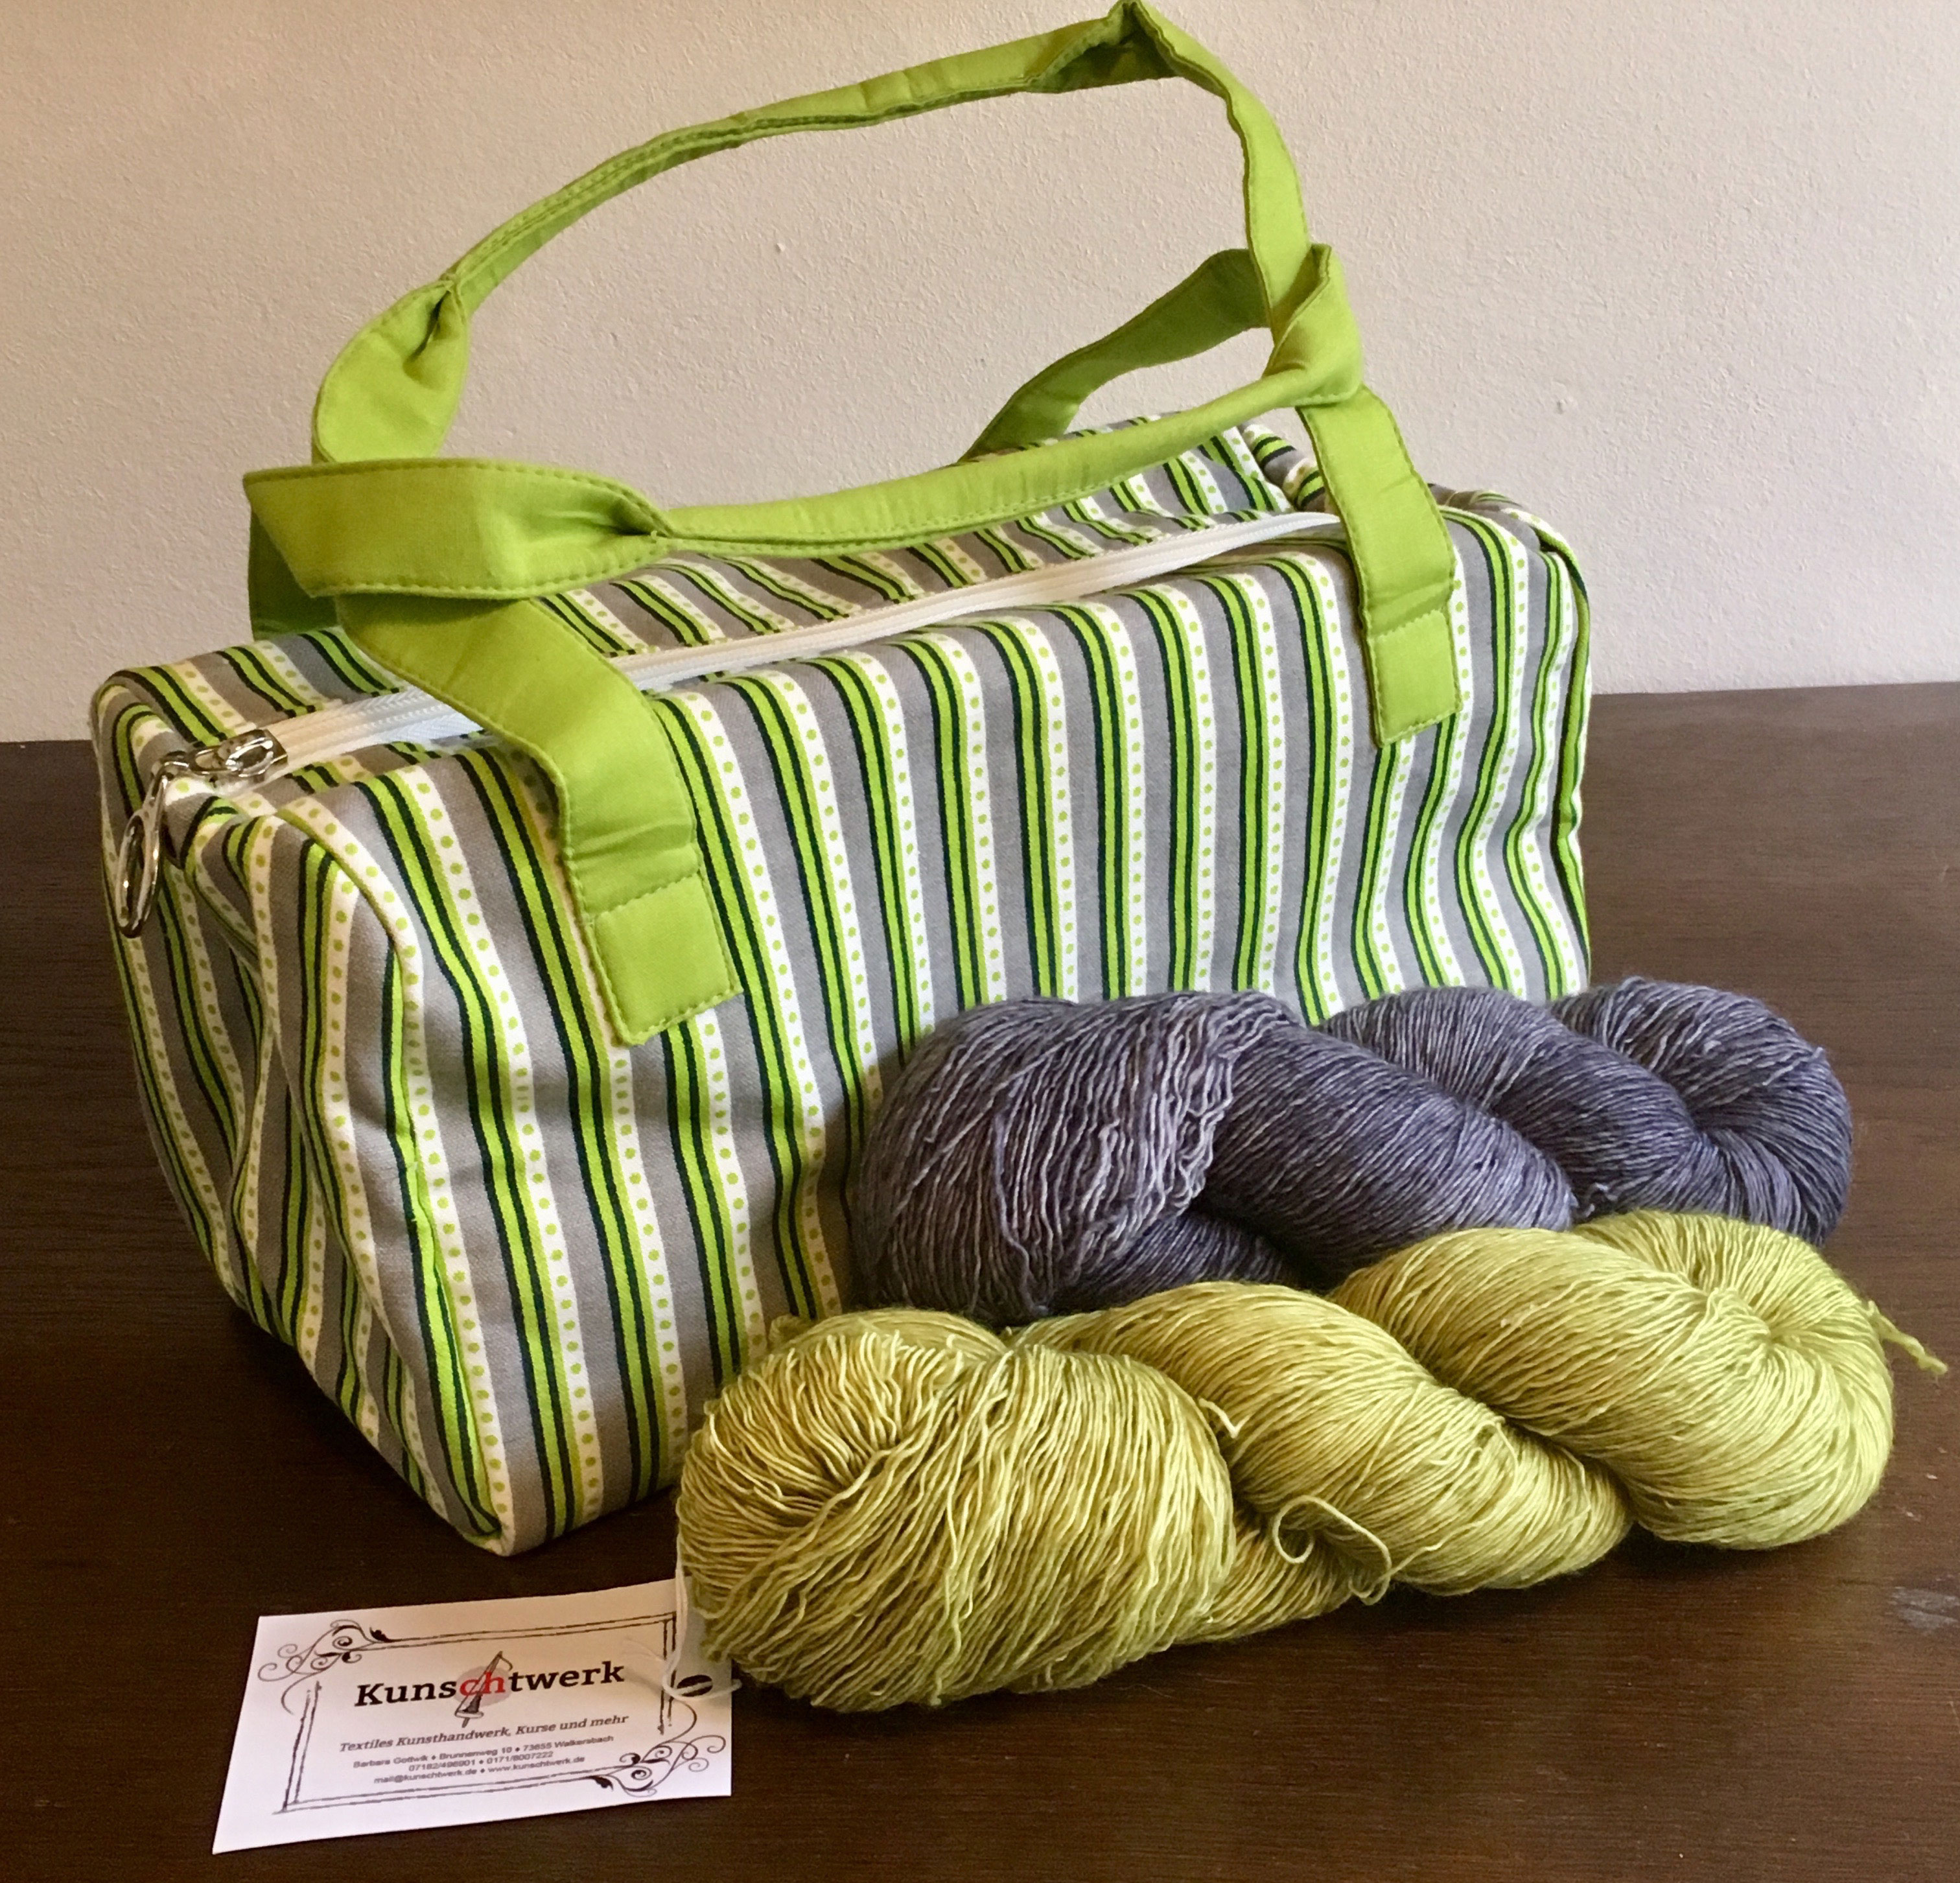 Projekttasche Caddy mit passender Kunstwerk-Wolle